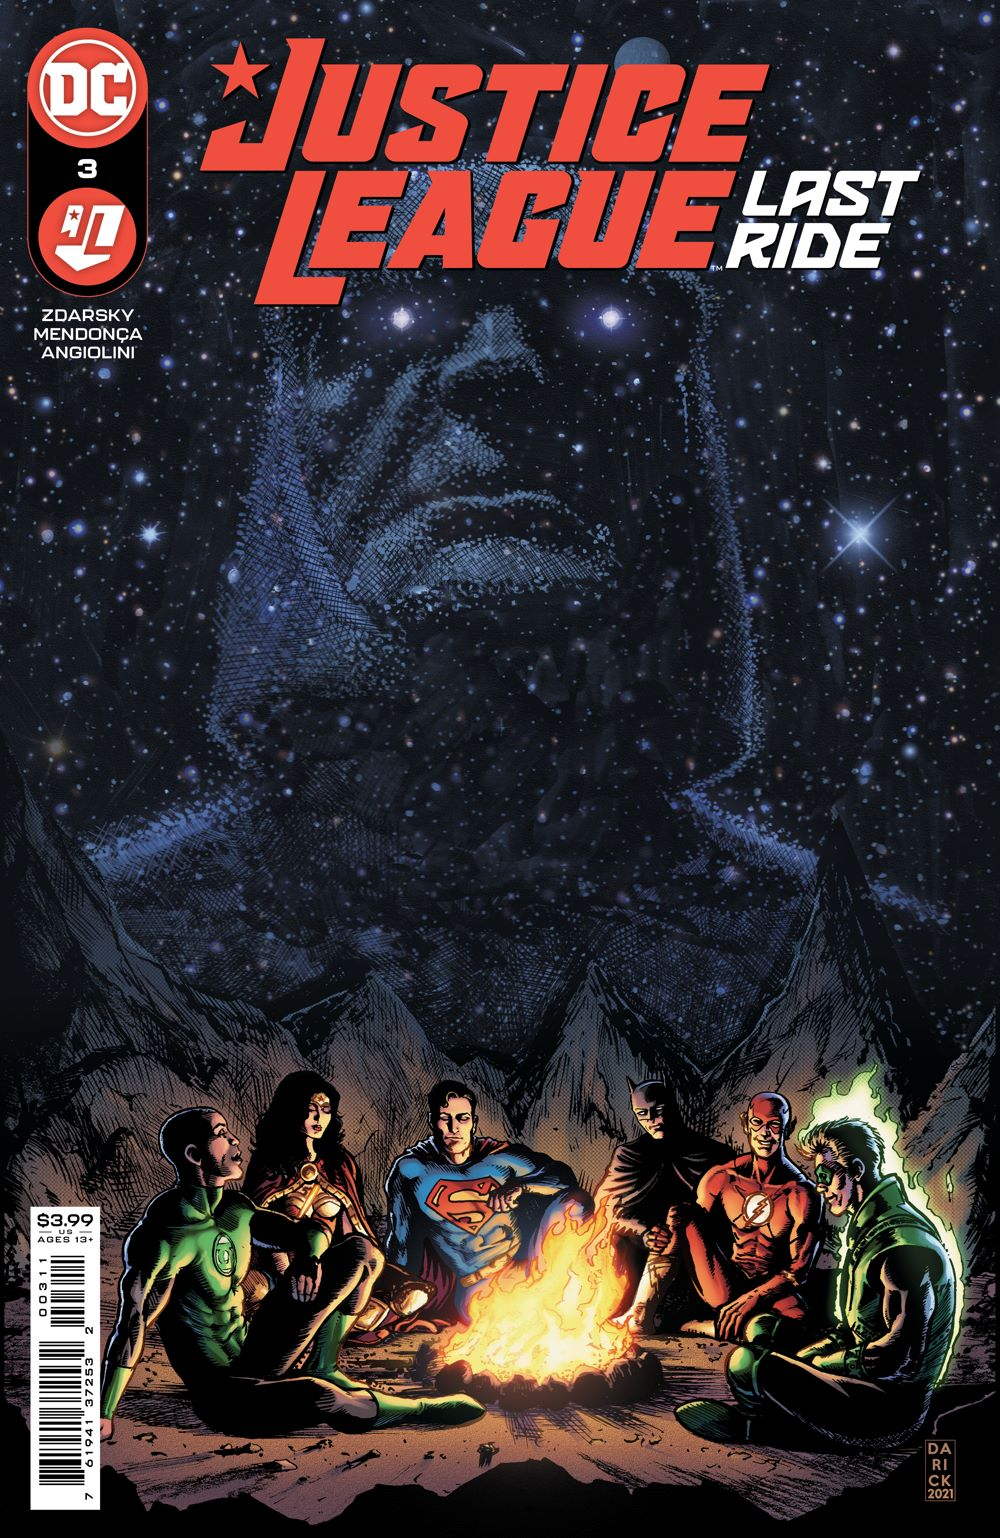 JLLR_Cv3 DC Comics July 2021 Solicitations